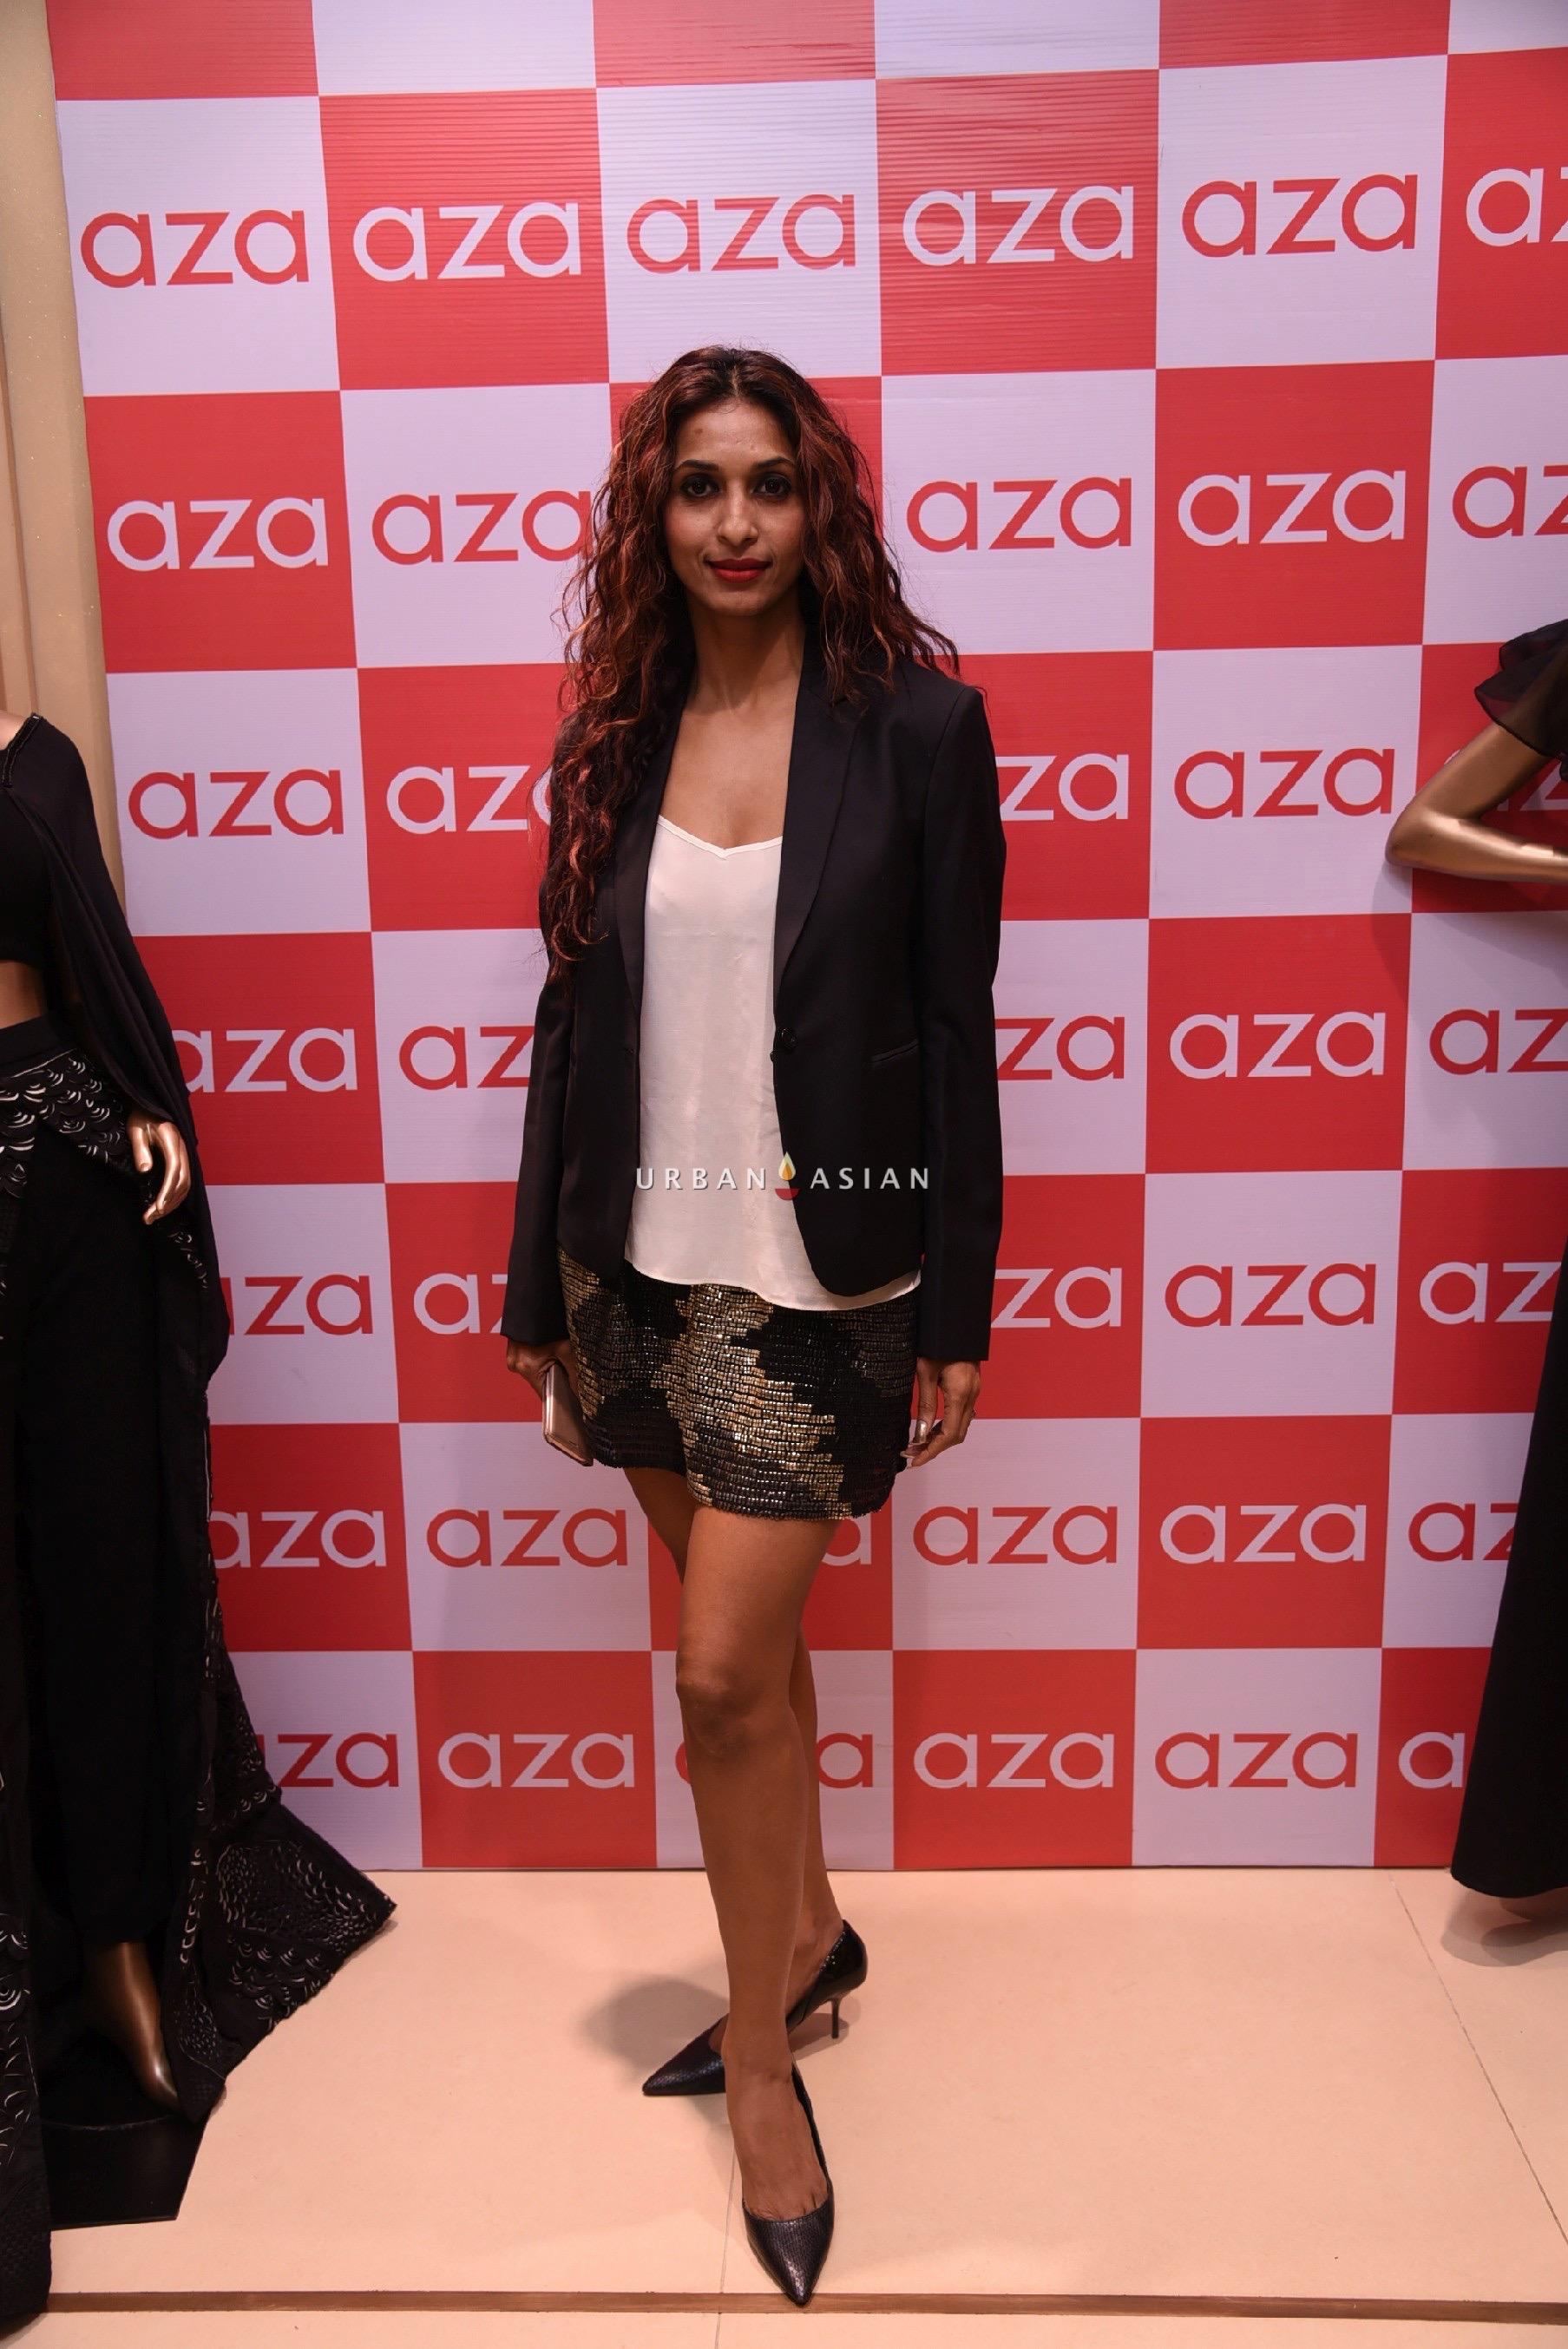 sandhya-shetty-eshaa-amiins-new-year-party-wear-launch-at-aza